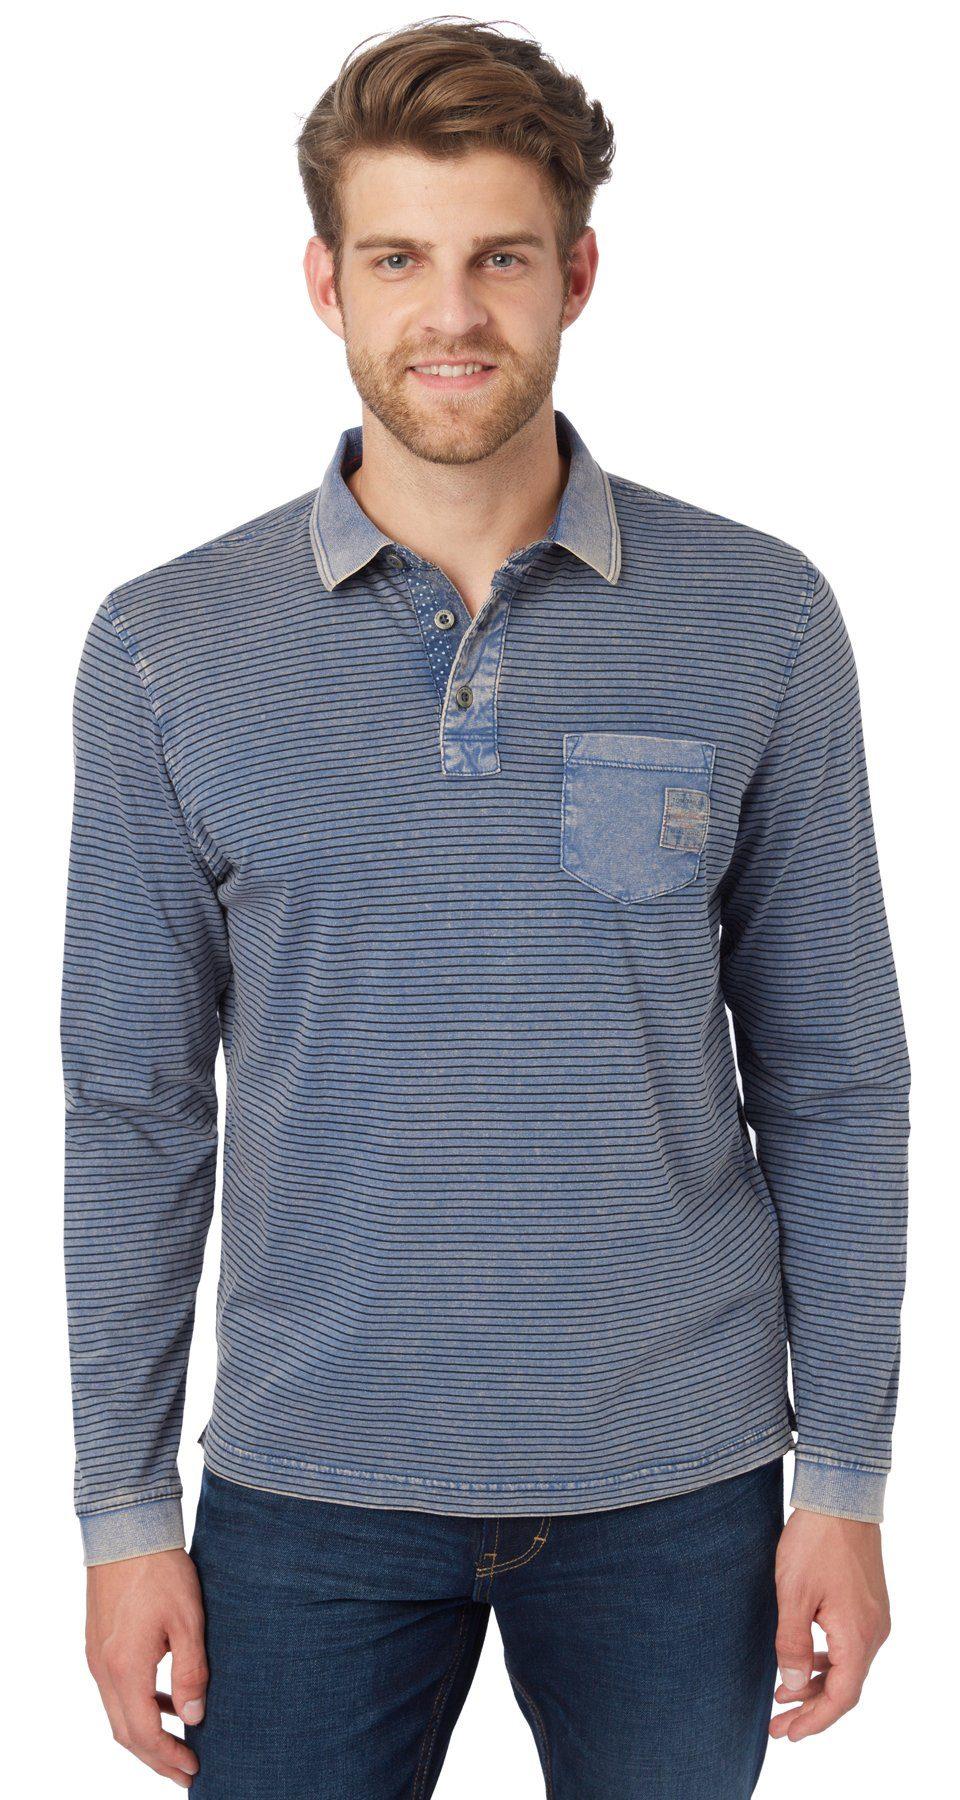 TOM TAILOR Poloshirt »Langarm-Poloshirt mit Streifen«